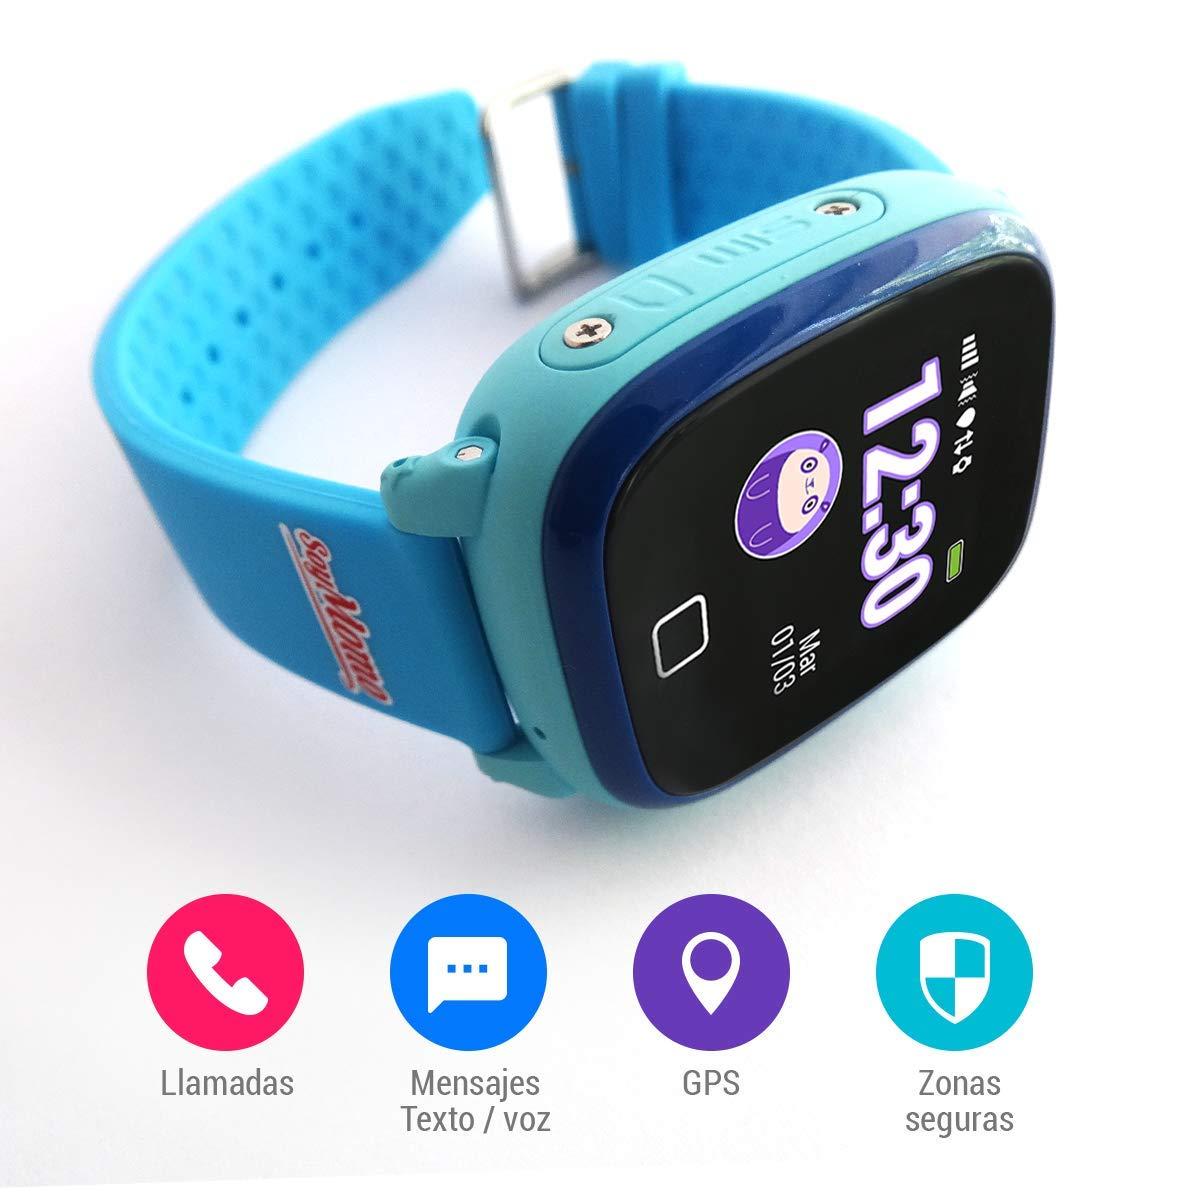 SoyMomo H2O Telefono pequeño y seguro para niños con GPS. (Azul): Amazon.es: Electrónica